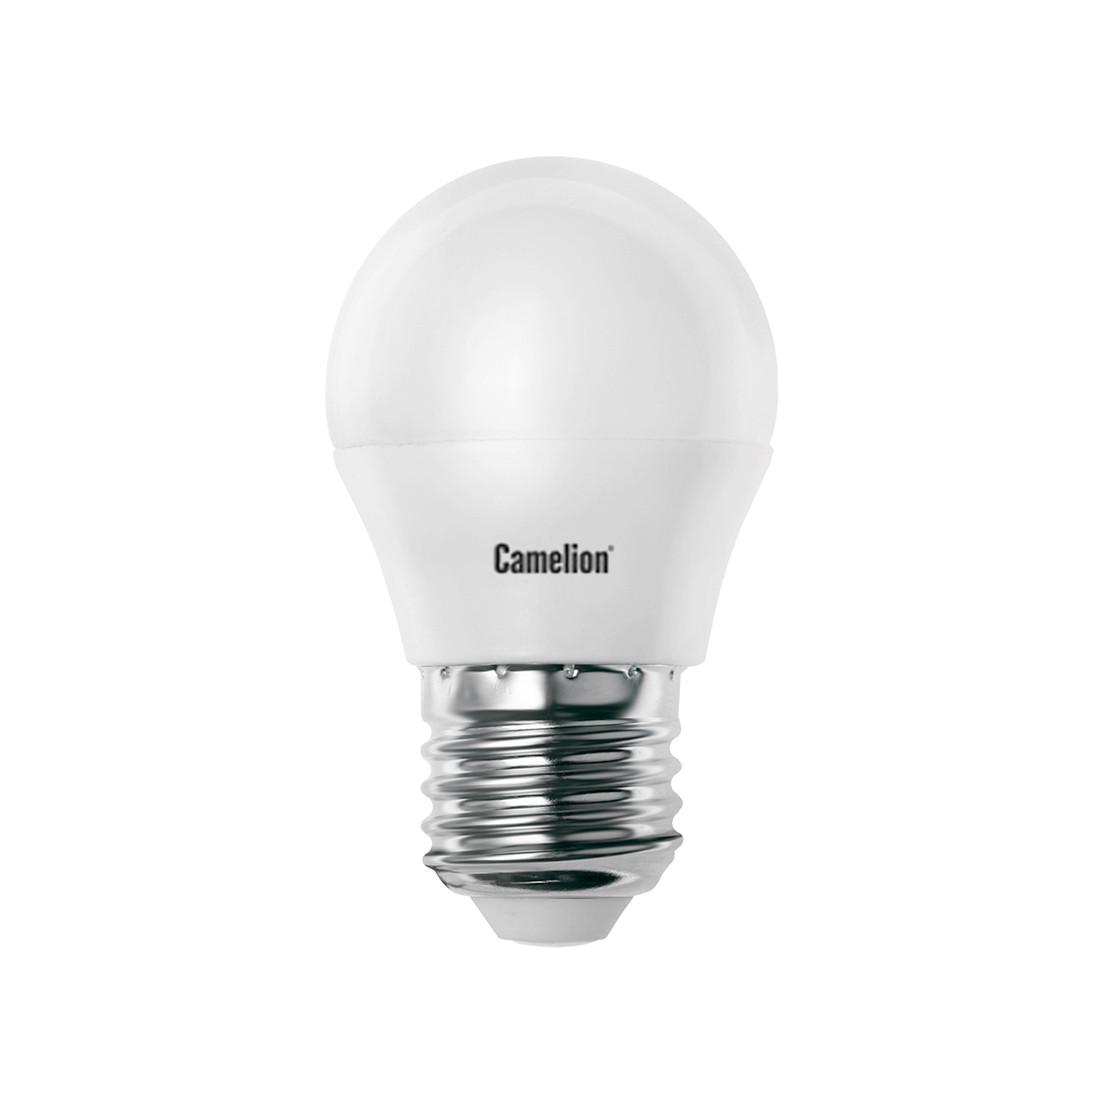 Эл. лампа светодиодная Camelion LED7-G45/865/E27 Дневной